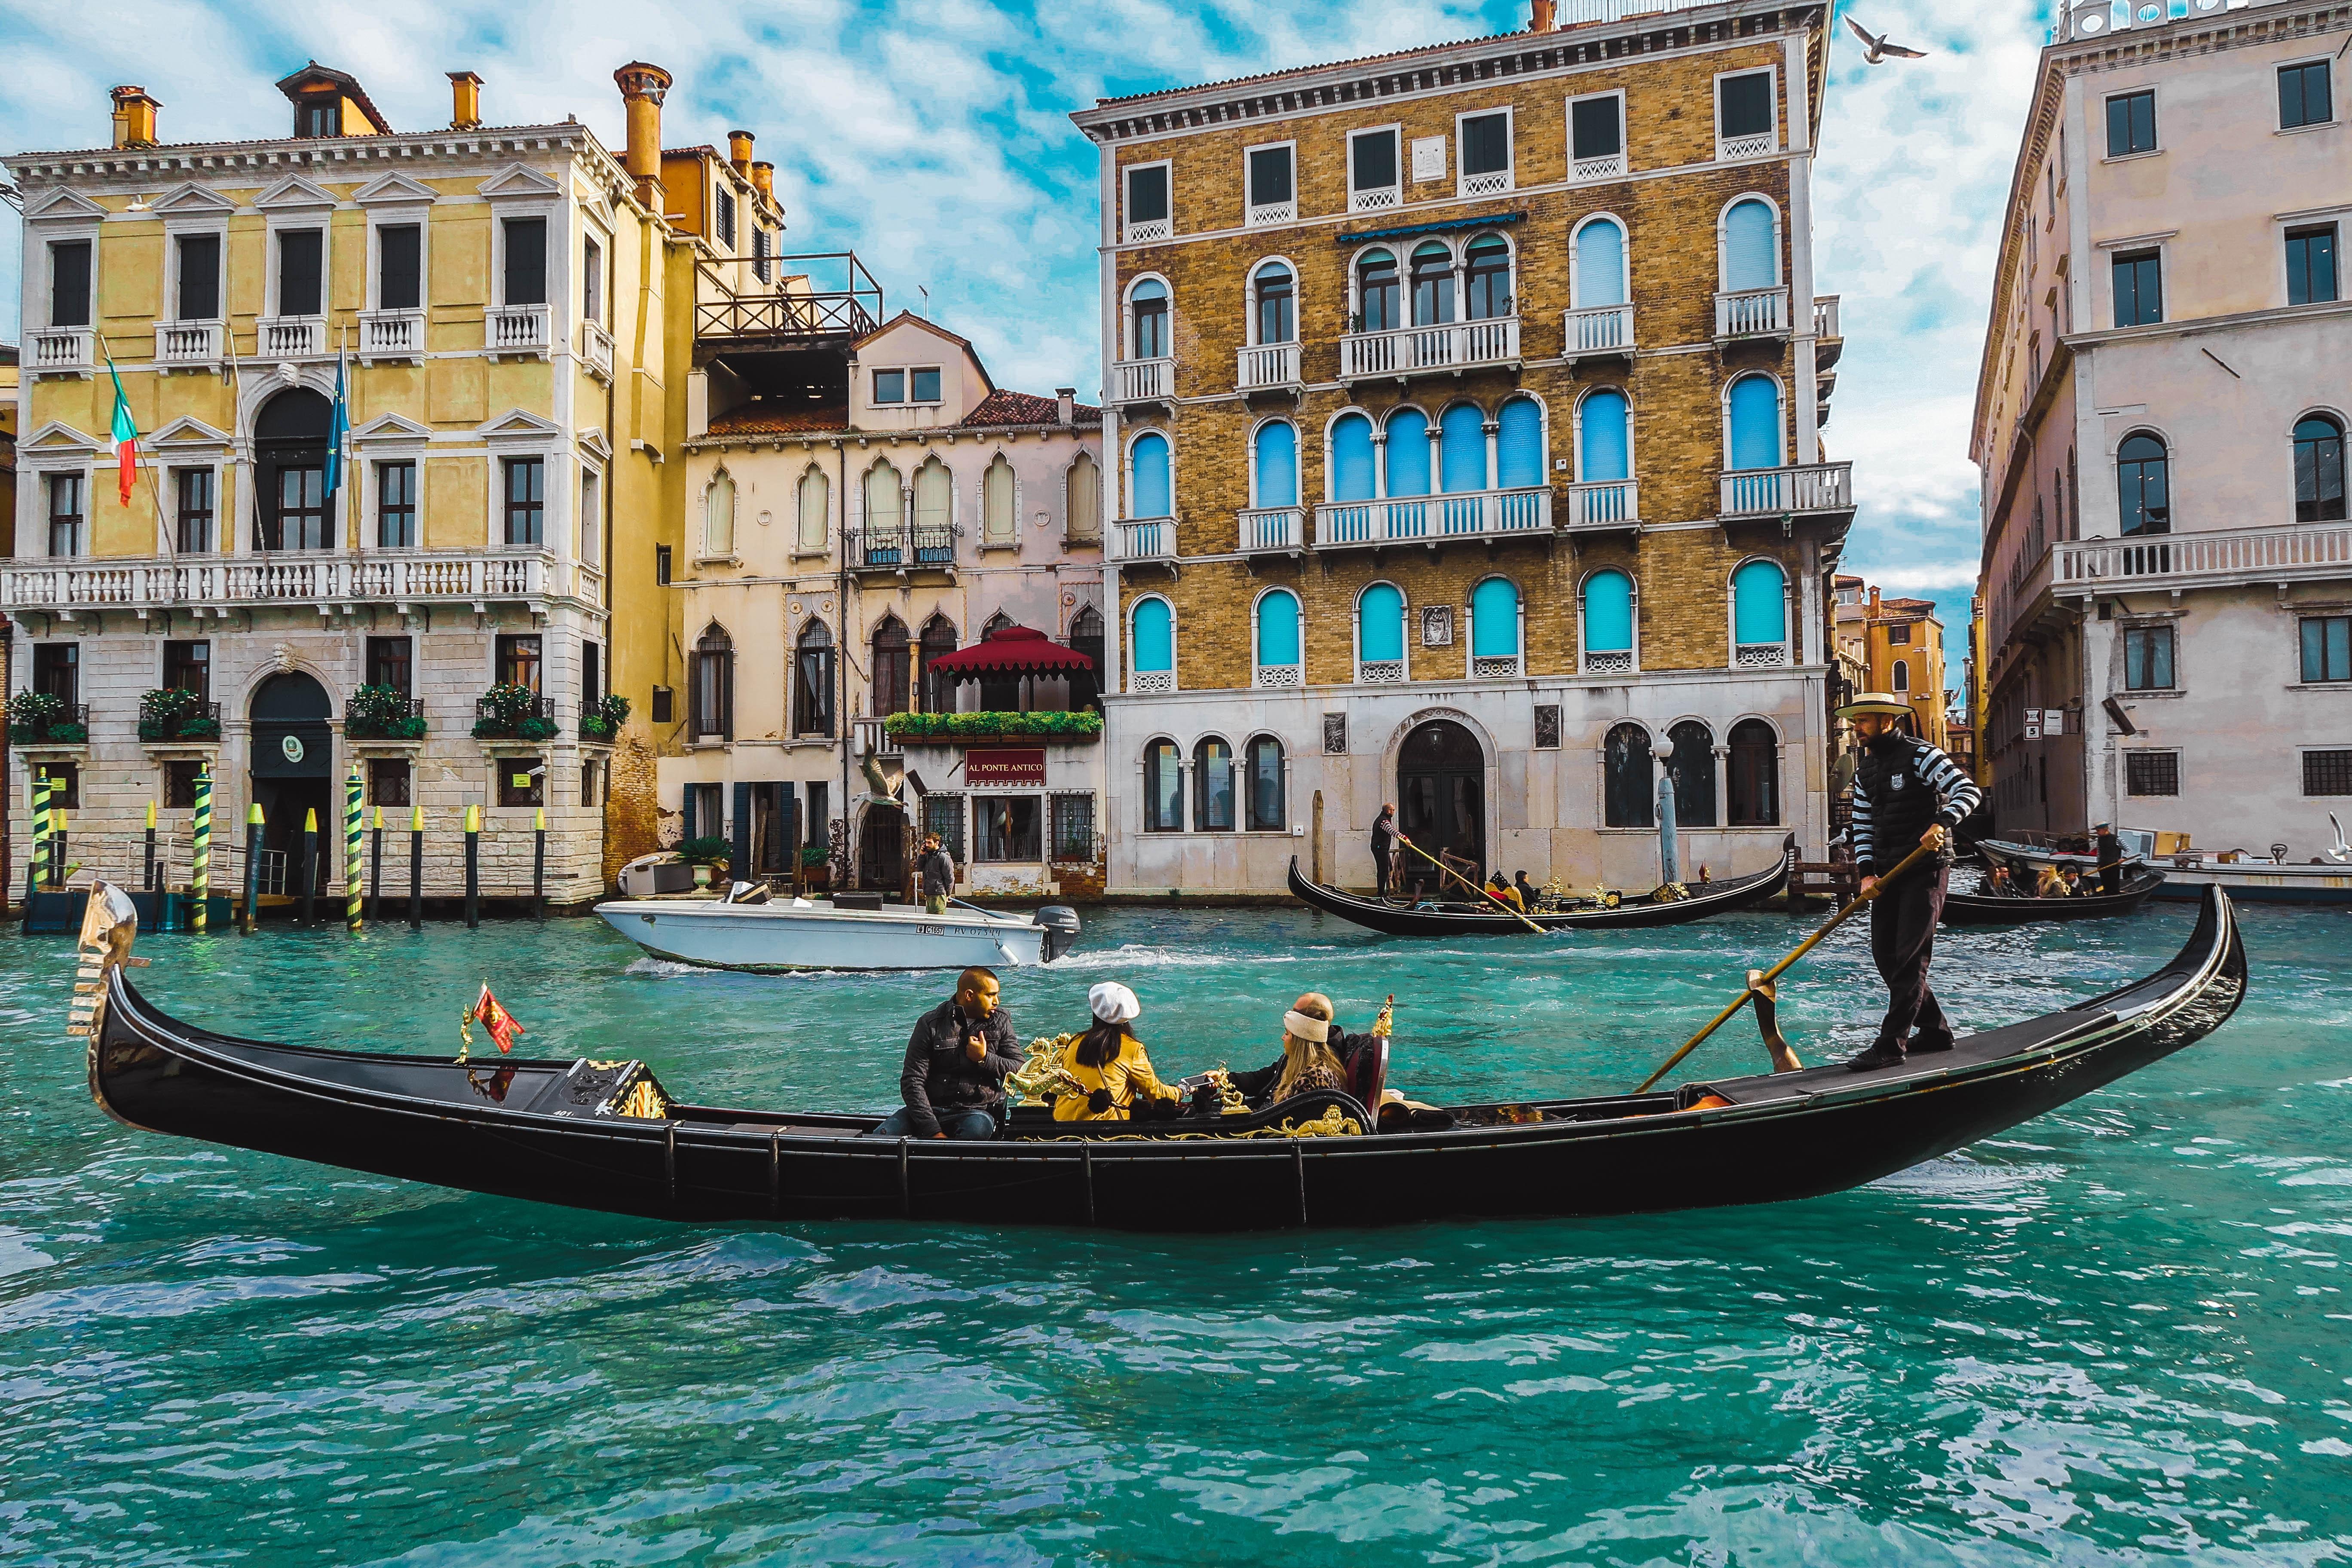 Venice Romantic Things